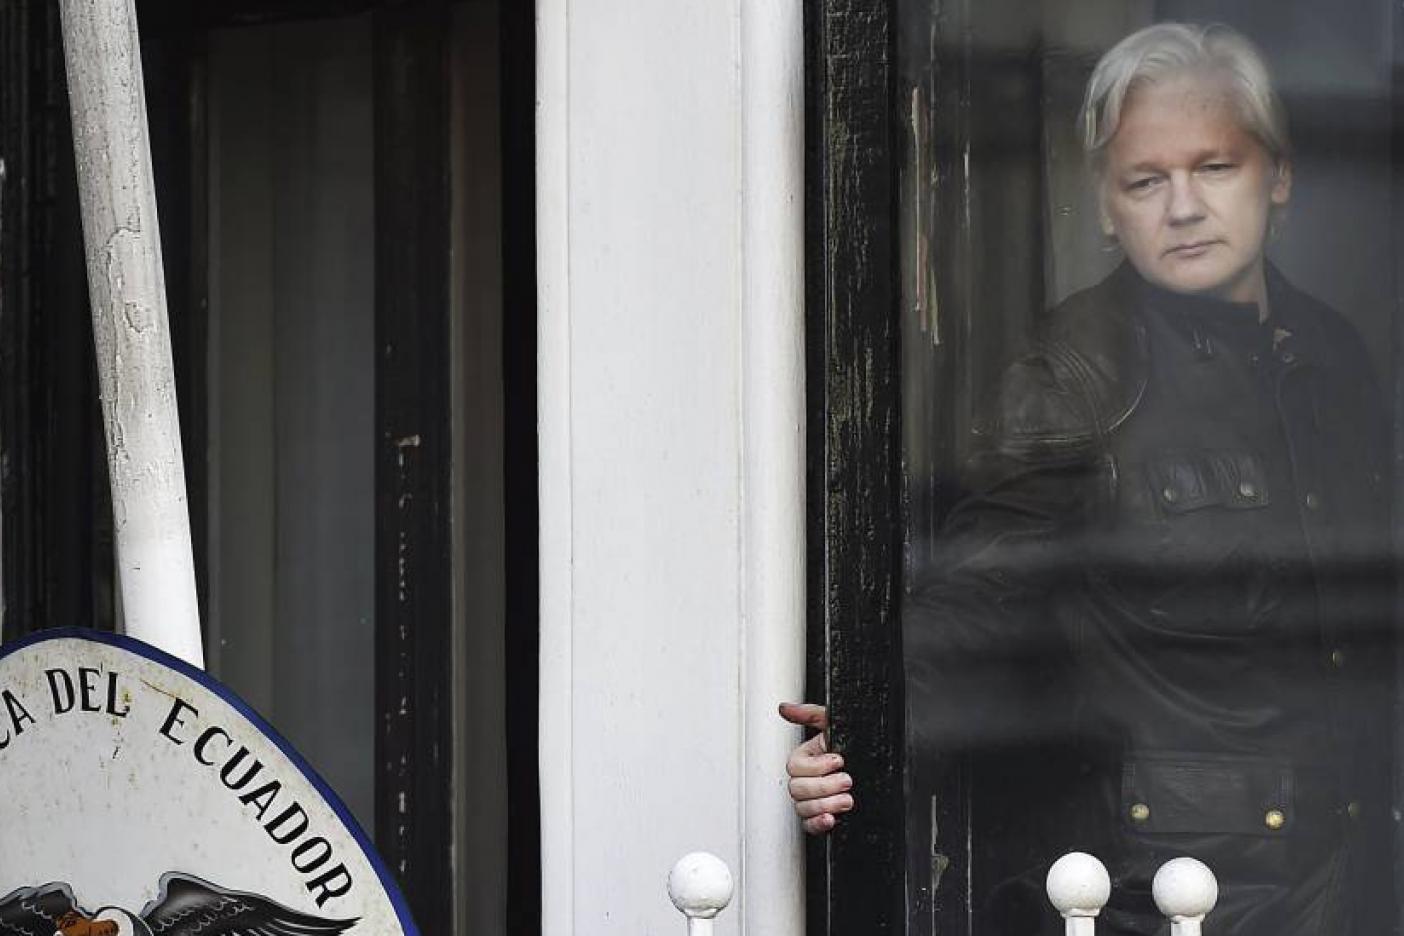 Ratifican orden de detener a Assange